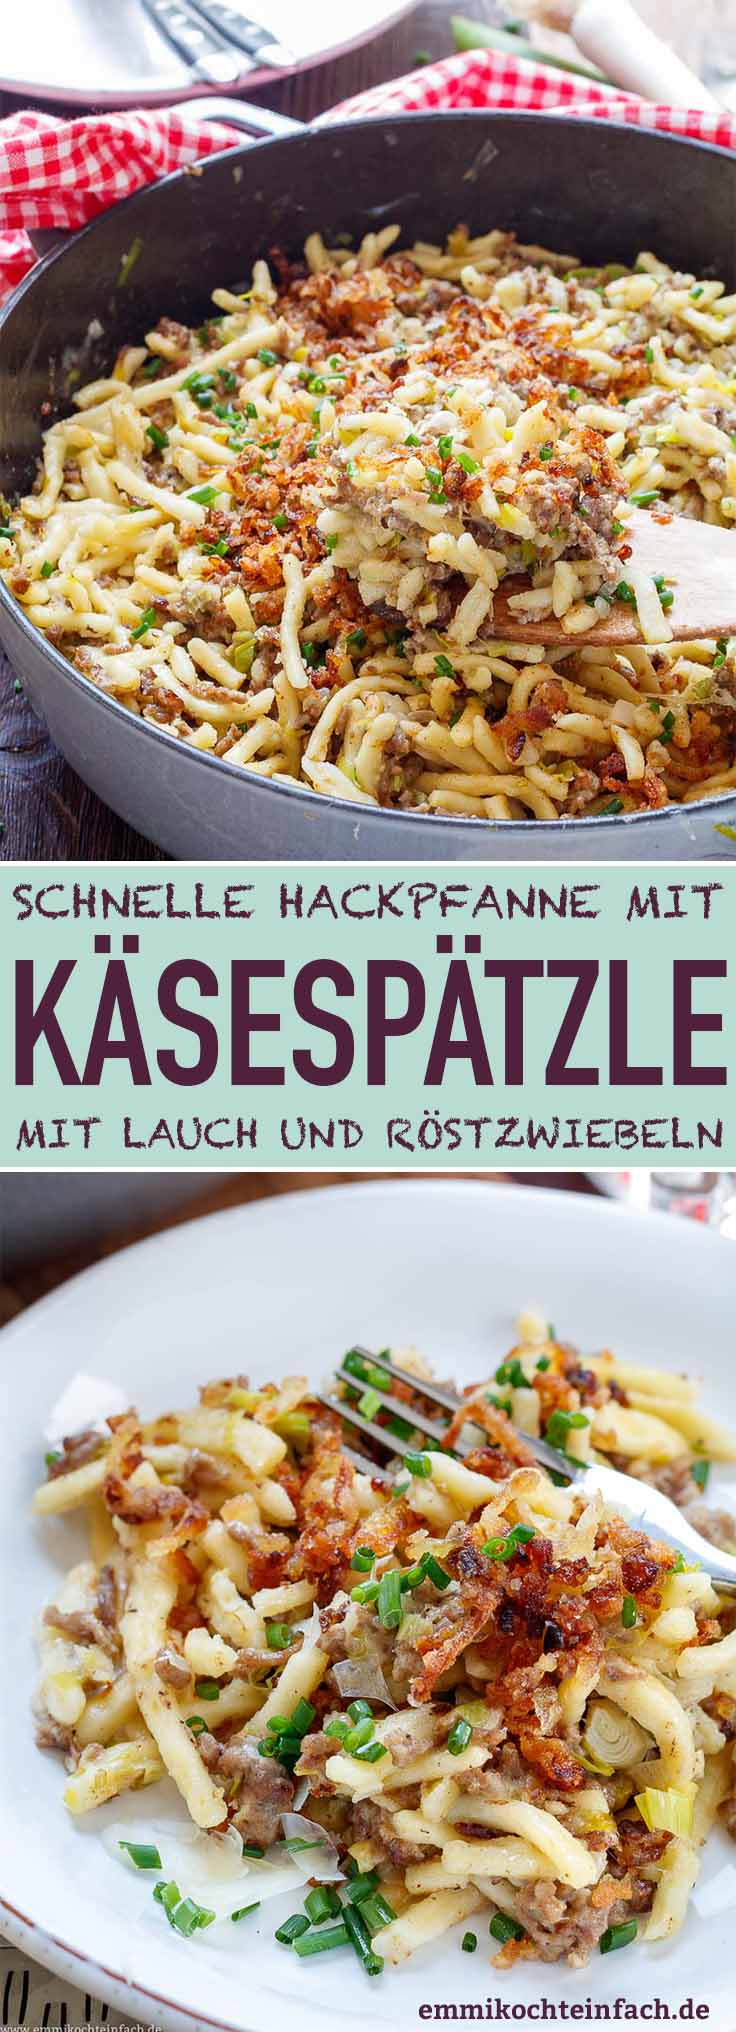 Käsespätzle Hackpfanne mit Lauch und Röstzwiebeln - www.emmikochteinfach.de